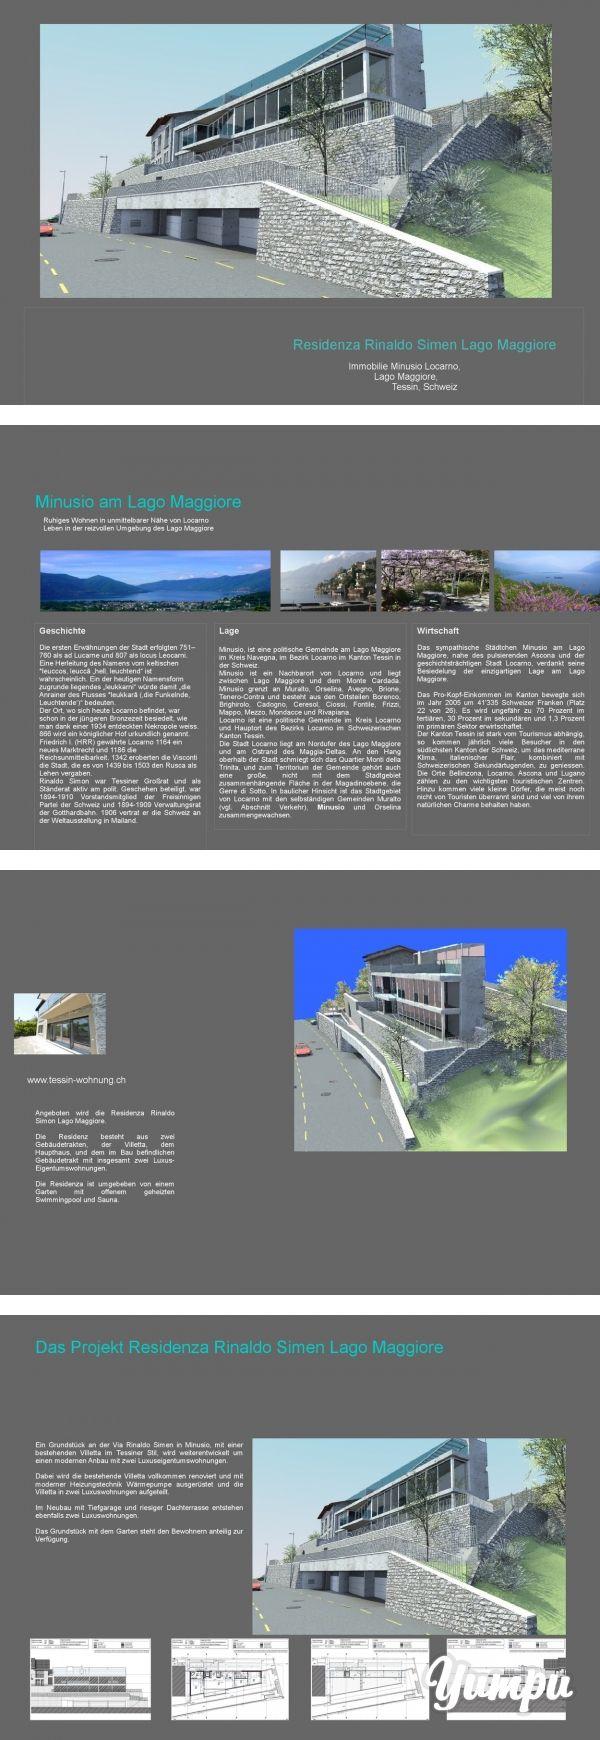 Residenza Rinaldo Simen Lago Maggiore - Magazine with 16 pages: Beschreibung und Expose der im Bau befindlichen Residenza Rinaldo Simen am Lago Maggiore in Minusio bei Locarno.